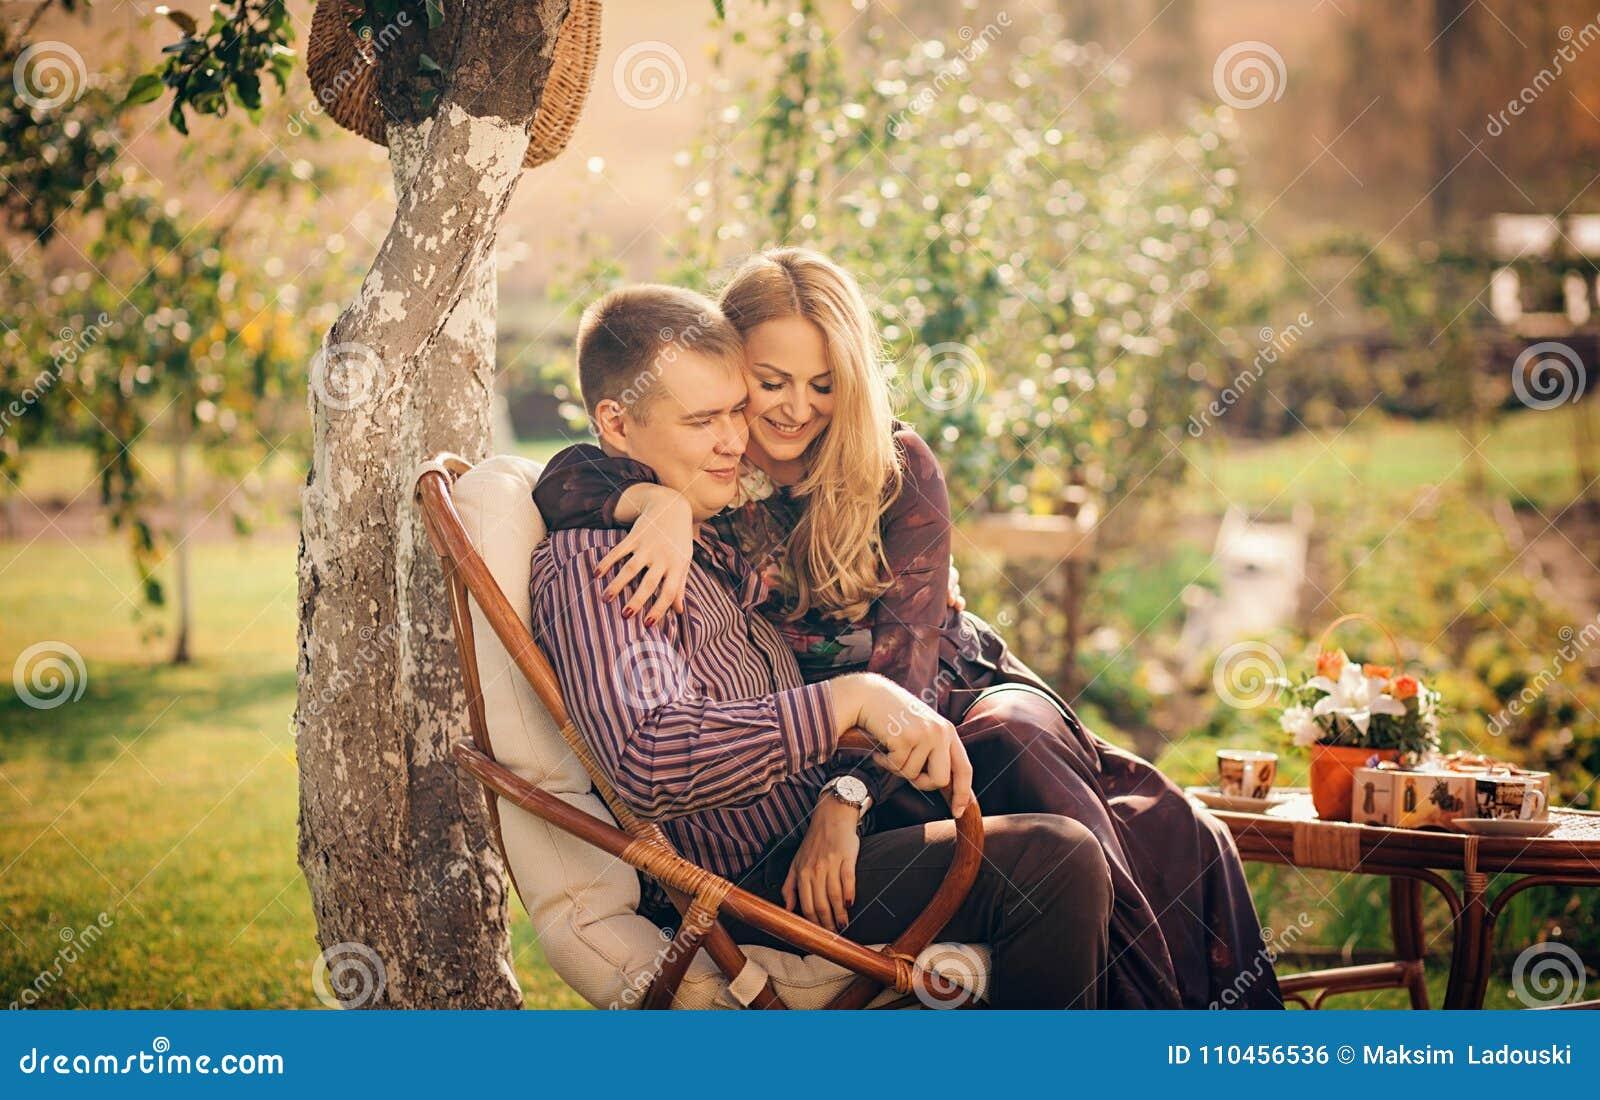 Lyckligt krama för par